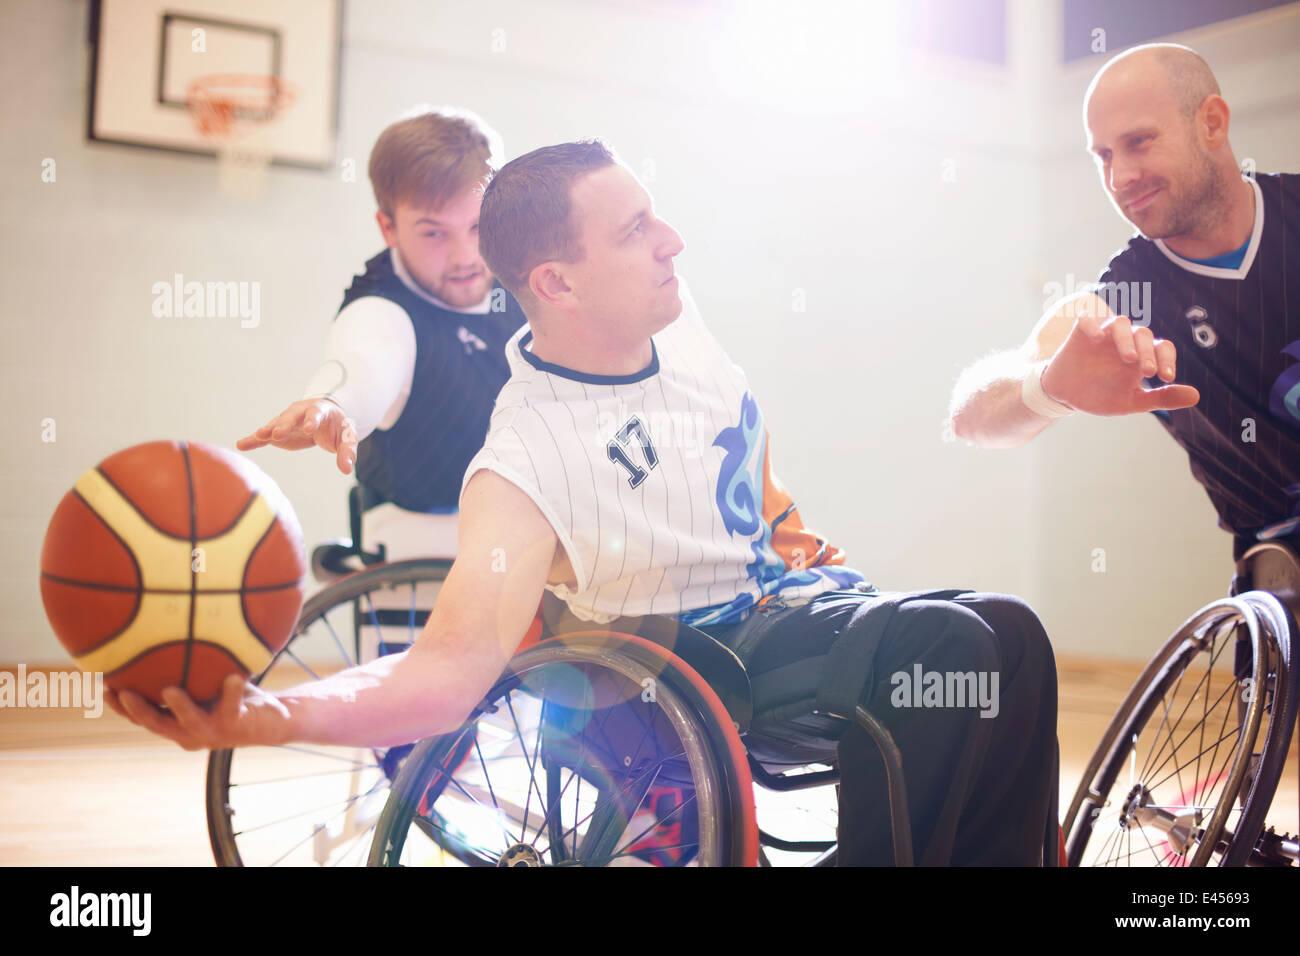 Wheelchair basketball players playing basketball - Stock Image